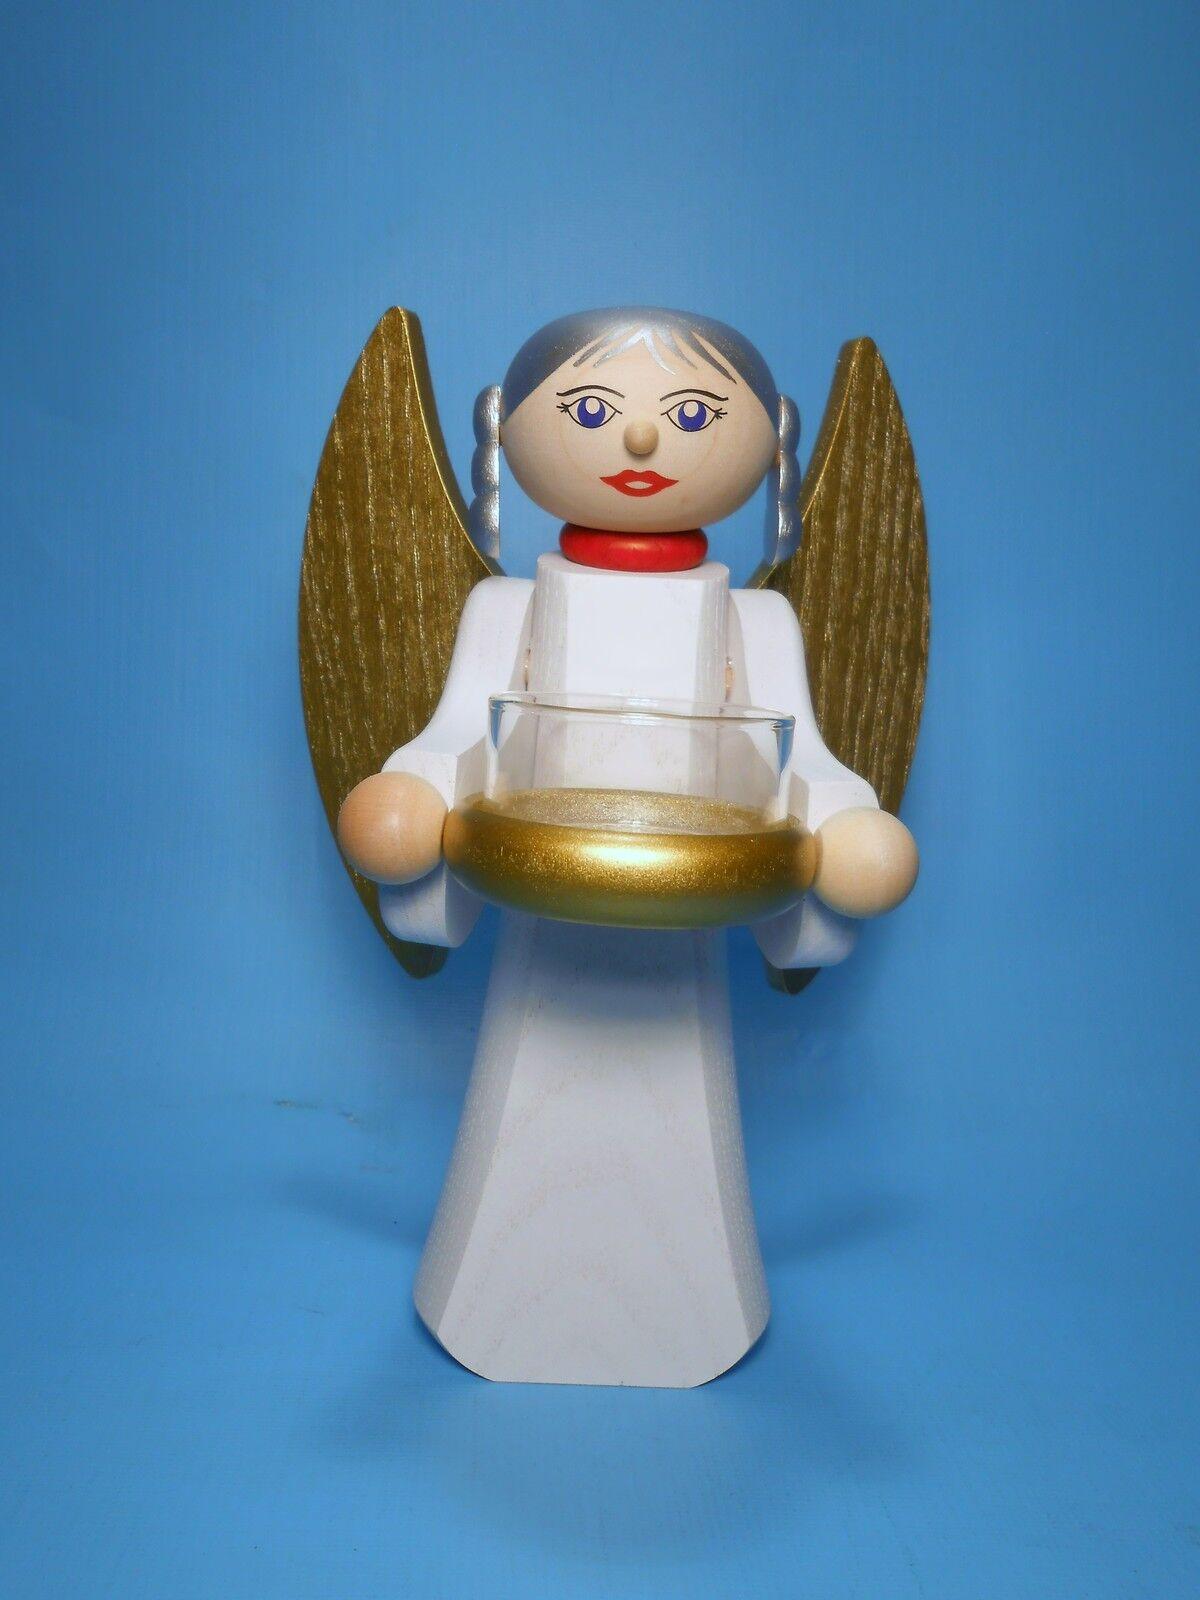 Moderner Lichterengel Engel Engel Engel Gold 18 cm mit Teelichthalter Tradition Erzgebirge | Sonderpreis  c5b88a